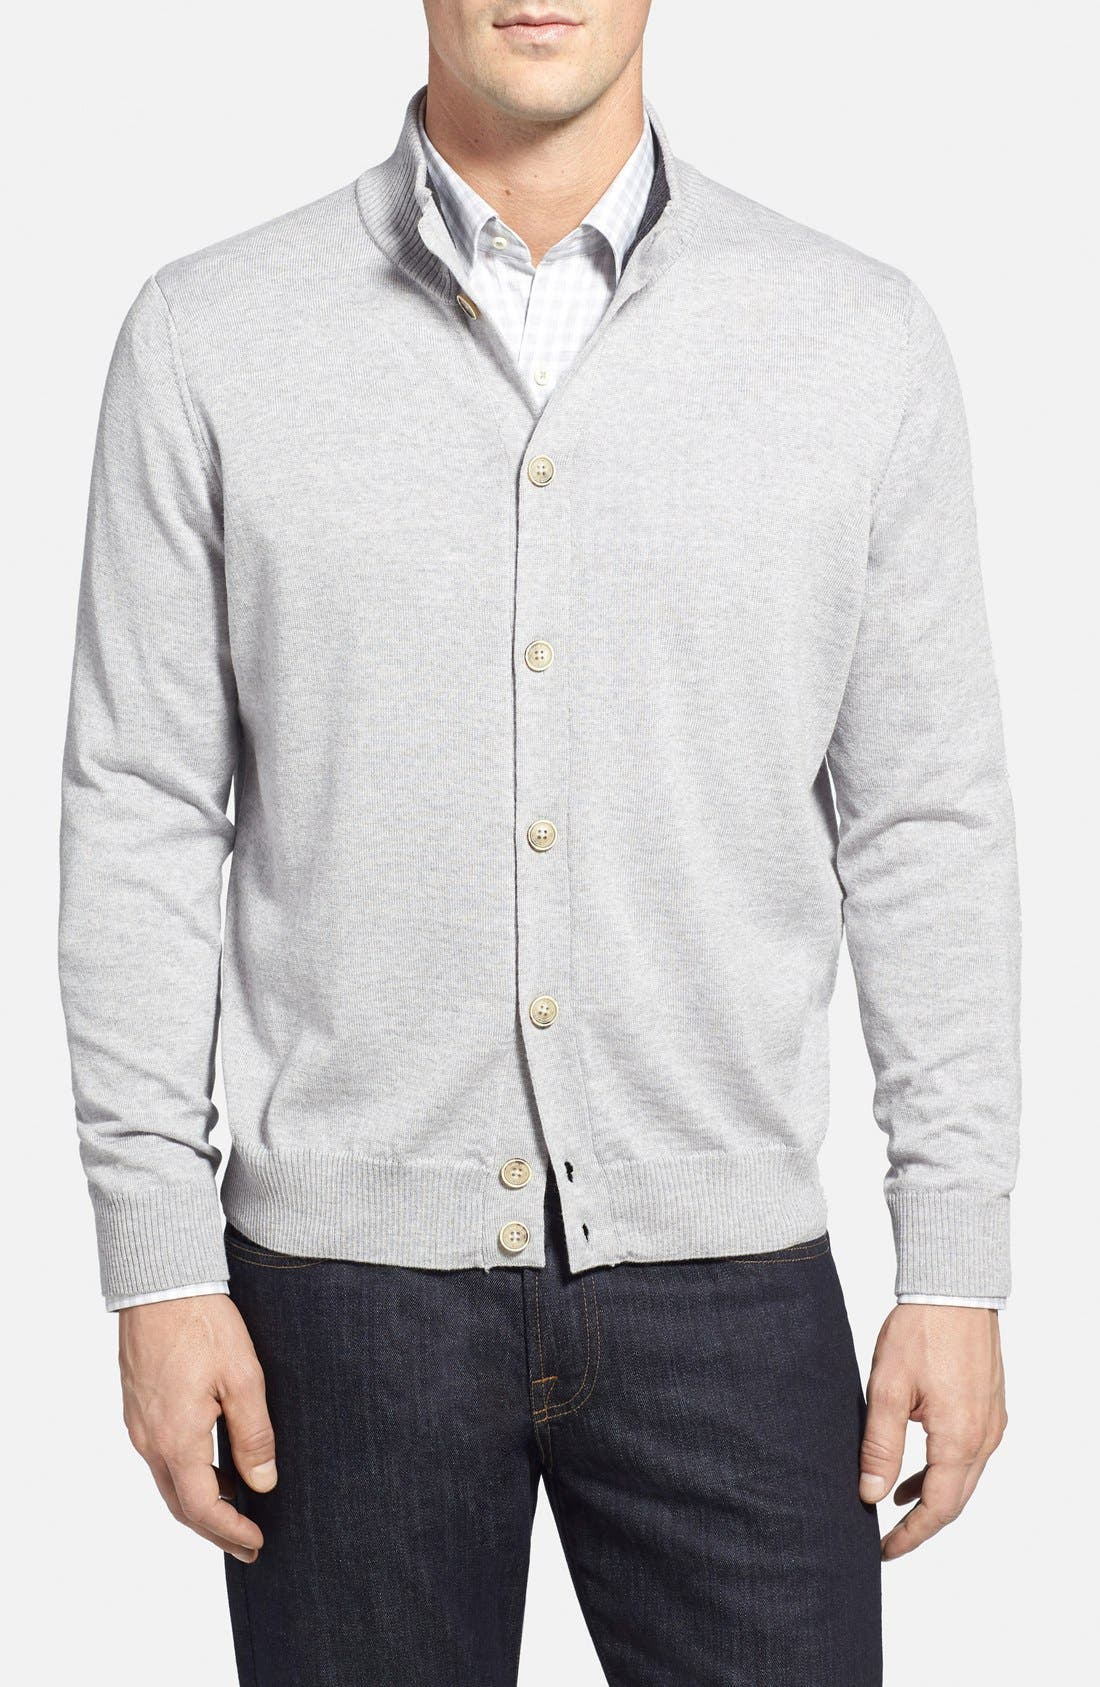 Italian Merino Wool Cardigan Sweater,                             Main thumbnail 1, color,                             050